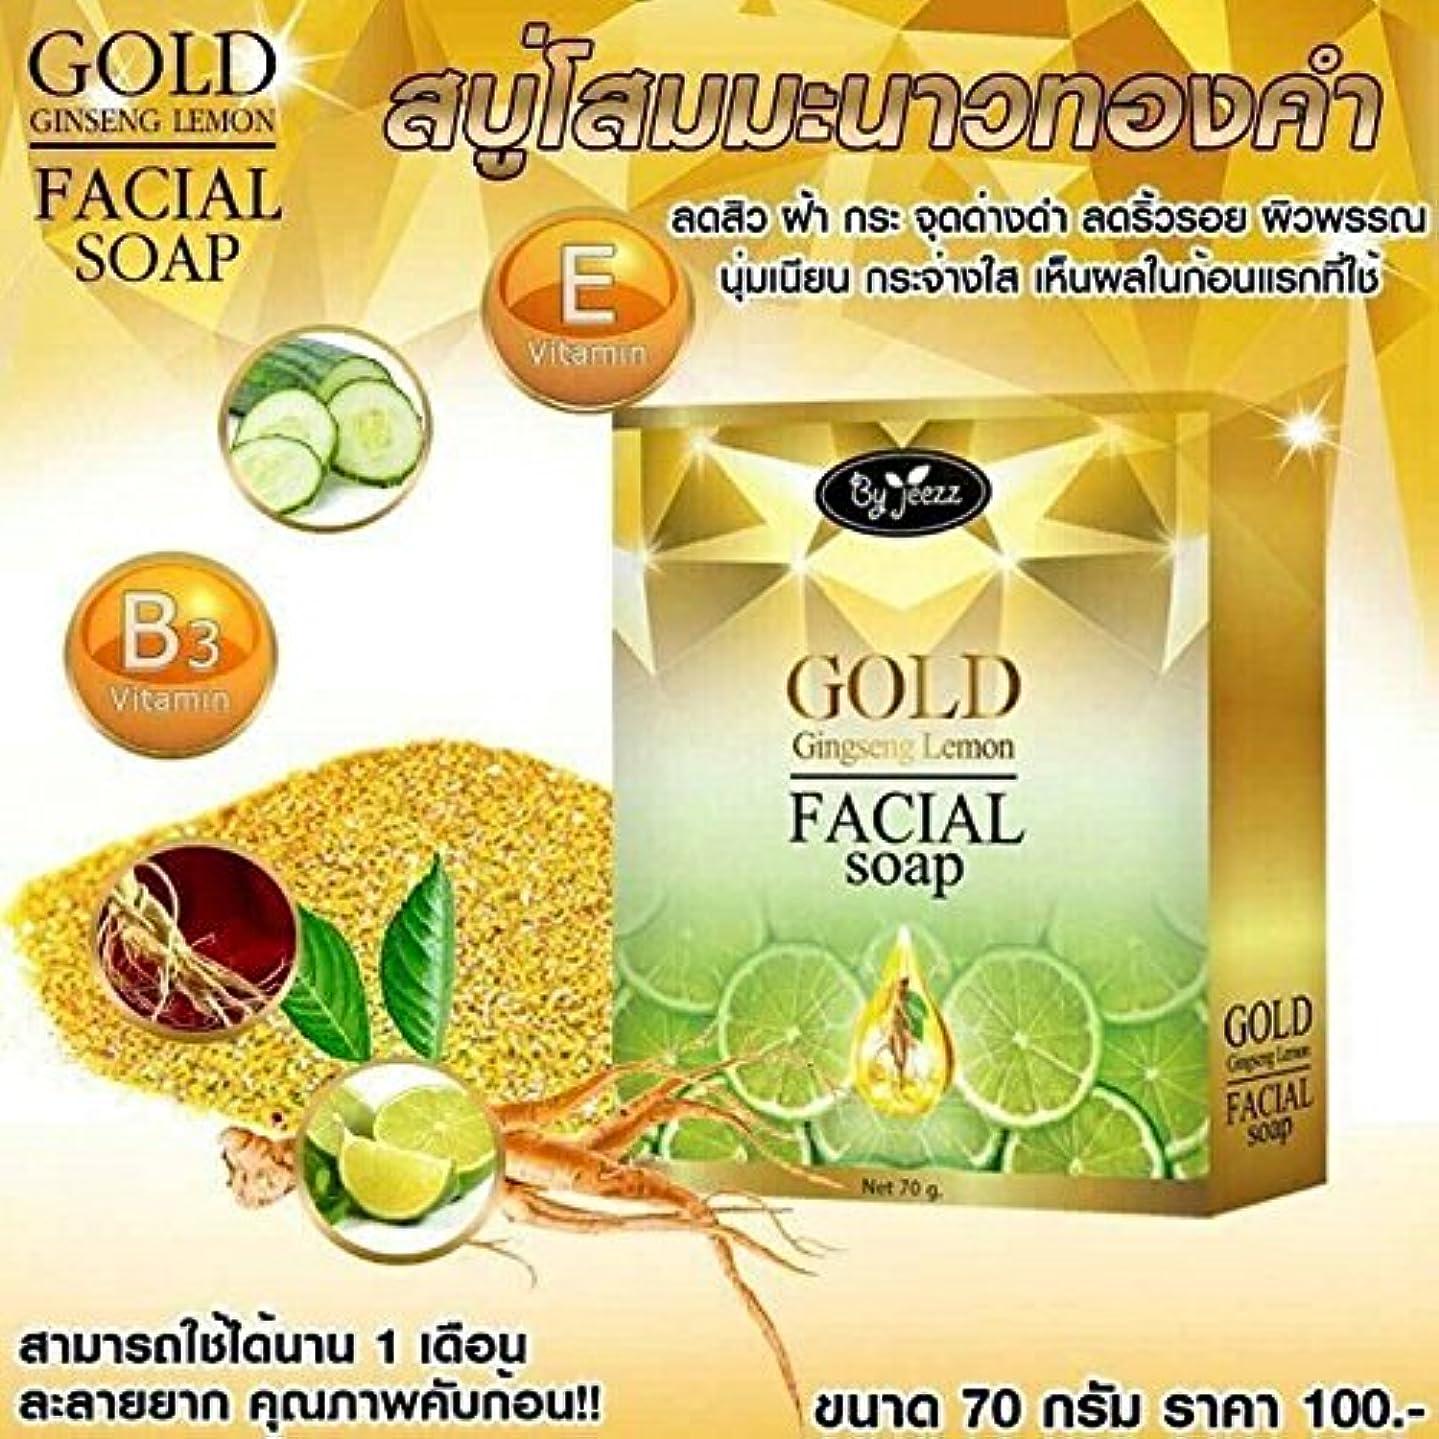 ジムエーカーチロ1 X Natural Herbal Whitening Soap. Ginseng Lemon Soap (Gold Ginseng Lemon Facial Soap by jeezz) 70 g. Free shipping